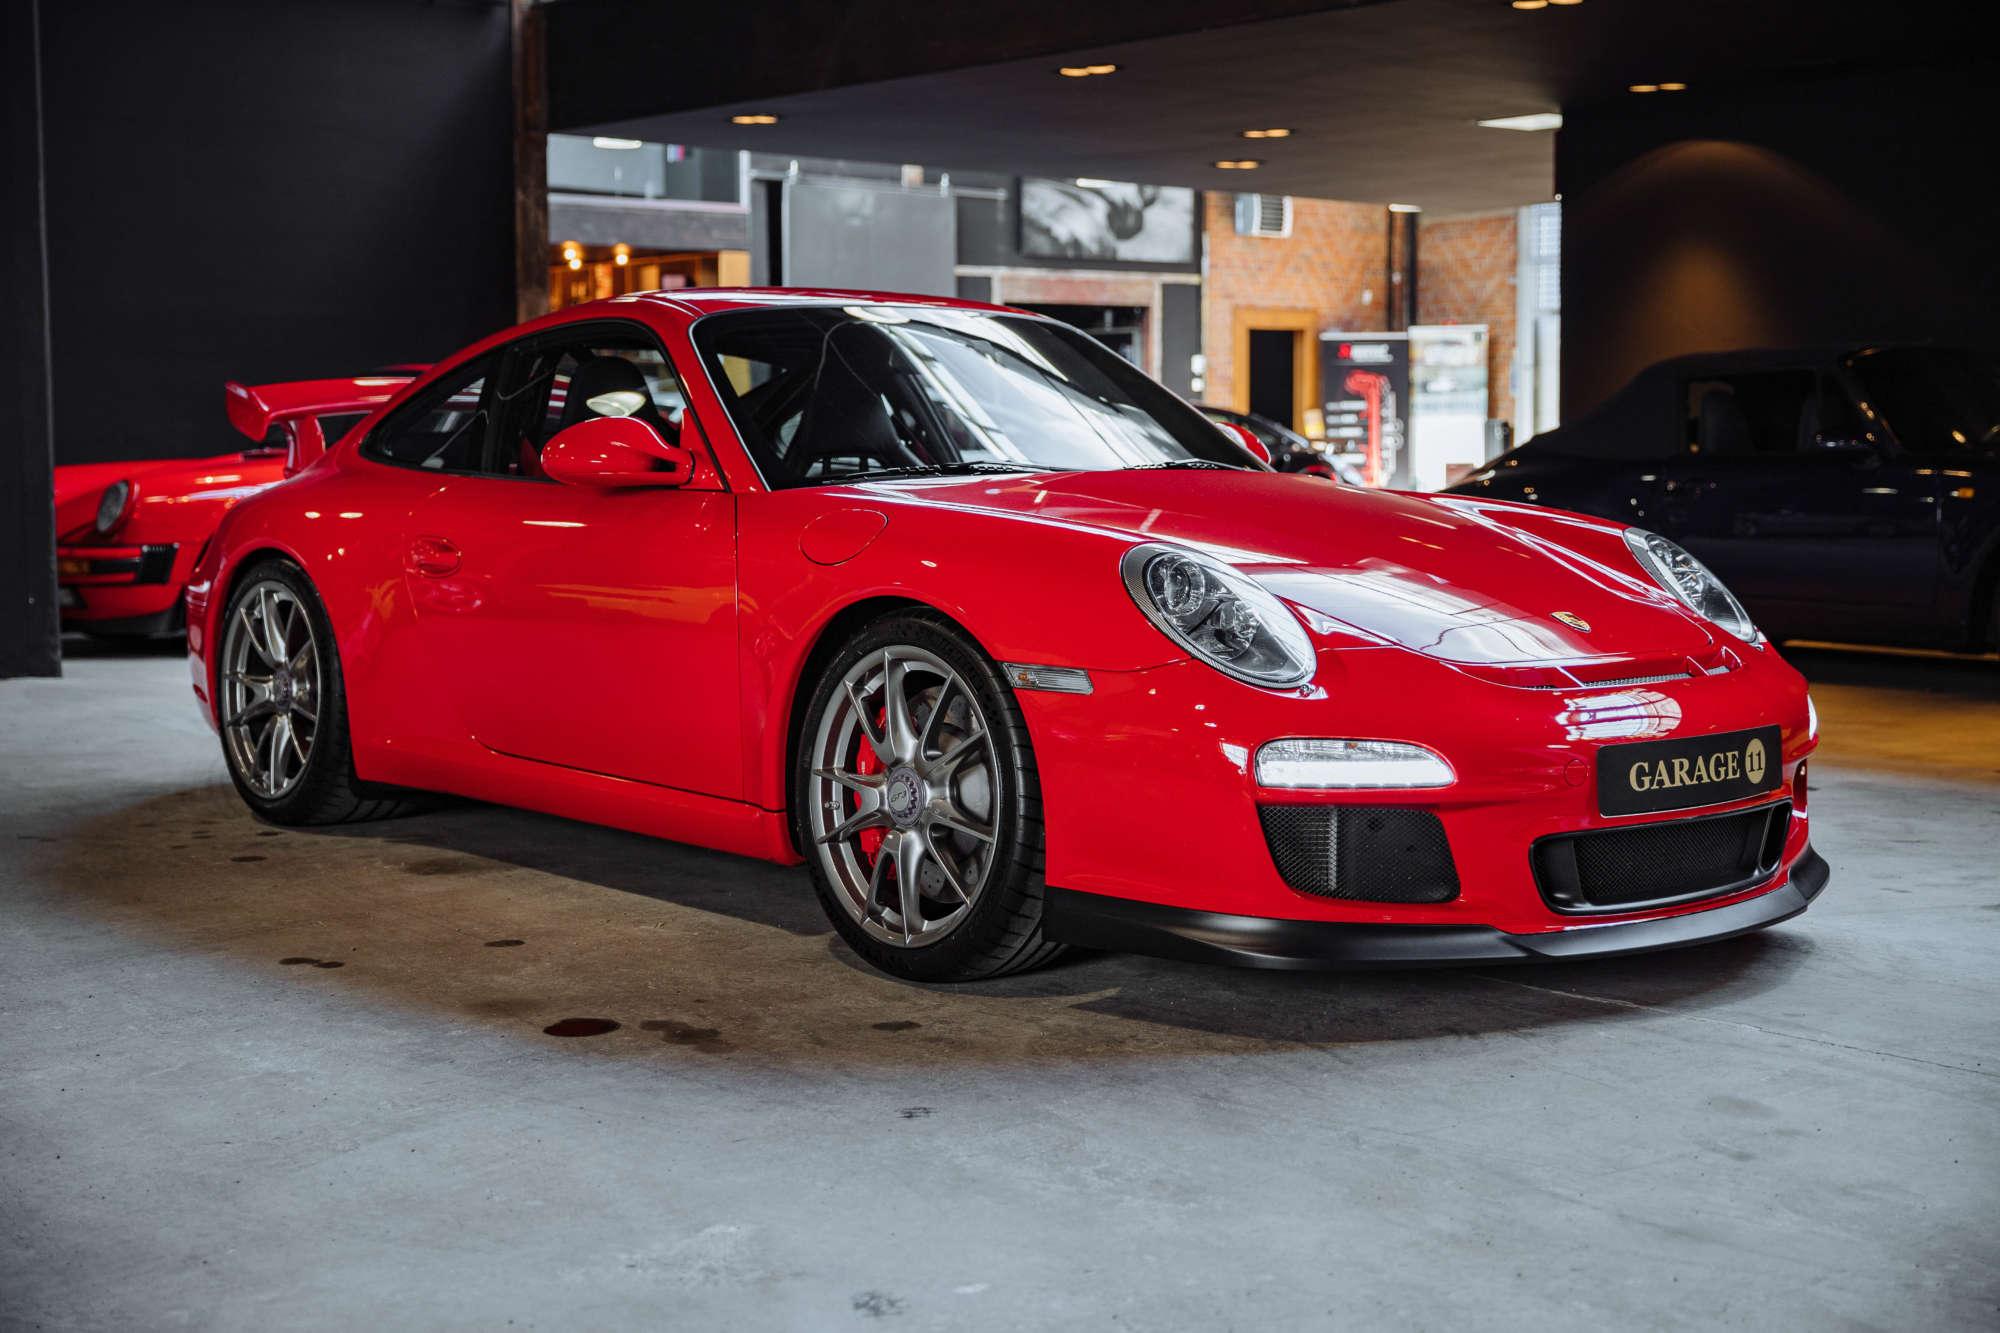 Porsche 997.2 GT3